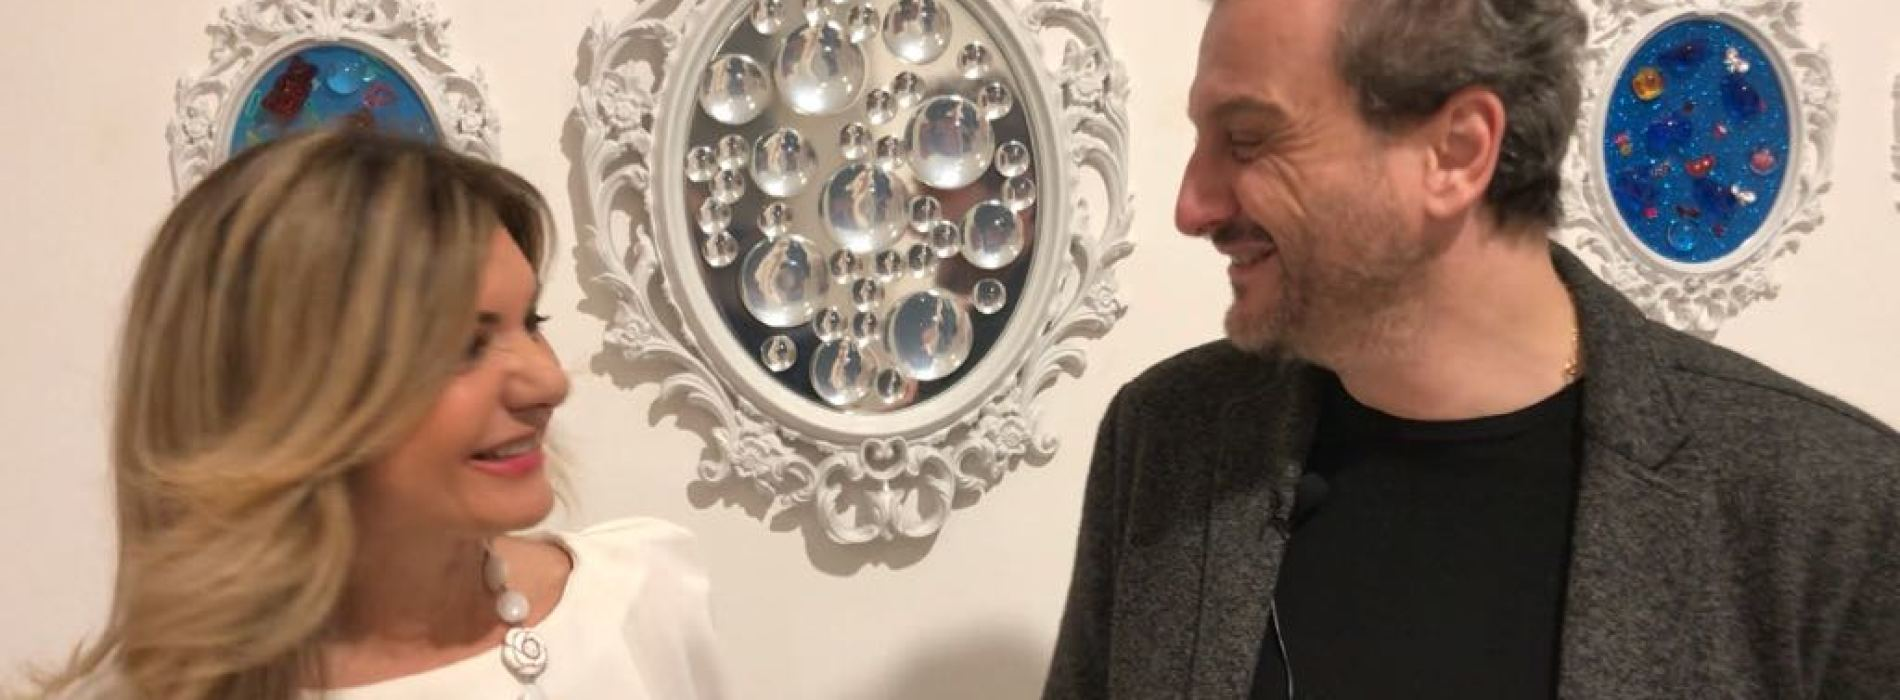 L'artista Kicco a Caserta alla Galleria Arterrima